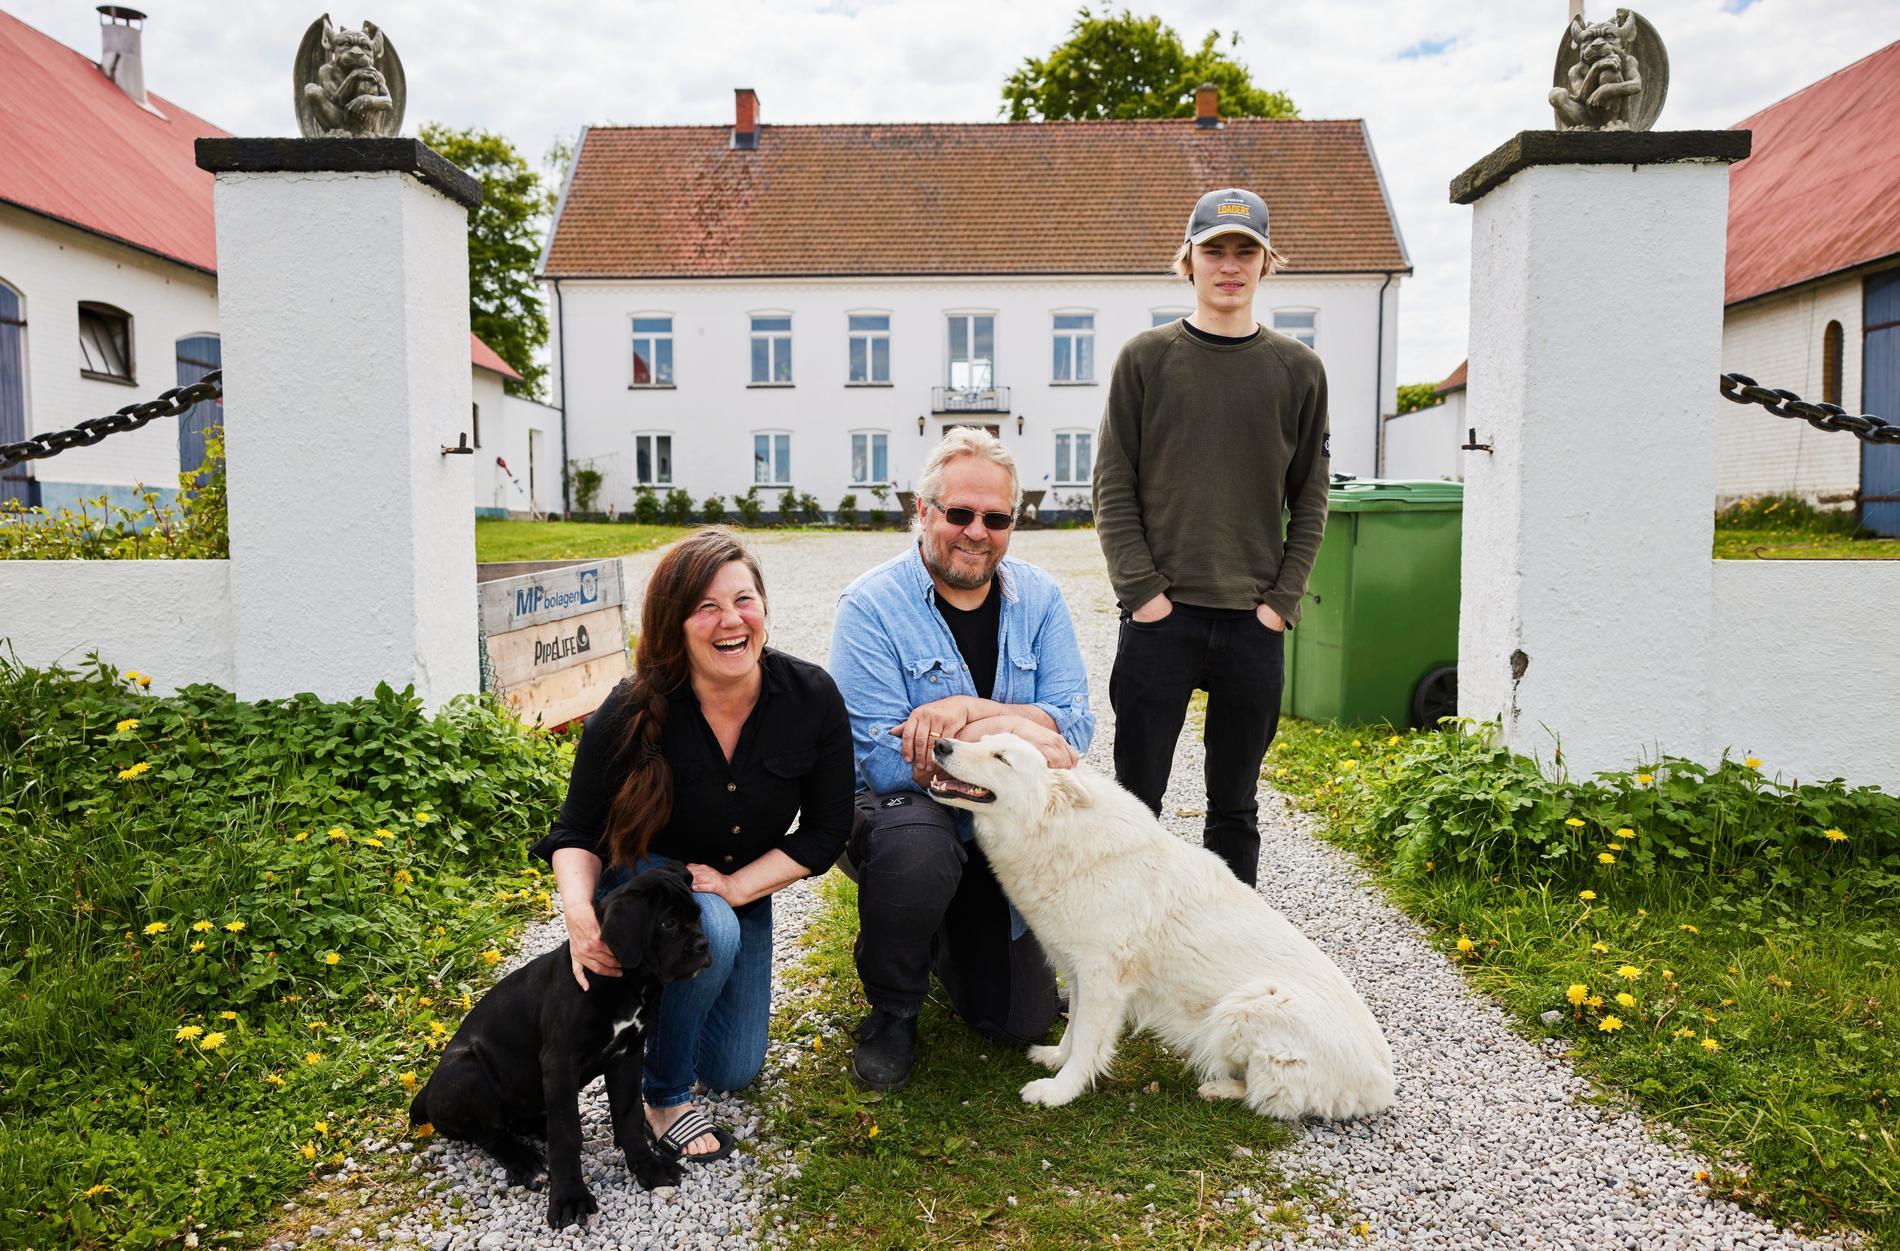 Hela familjen flyttade ner från Norrland. Här samlas de framför sitt nya hem i Skåne.